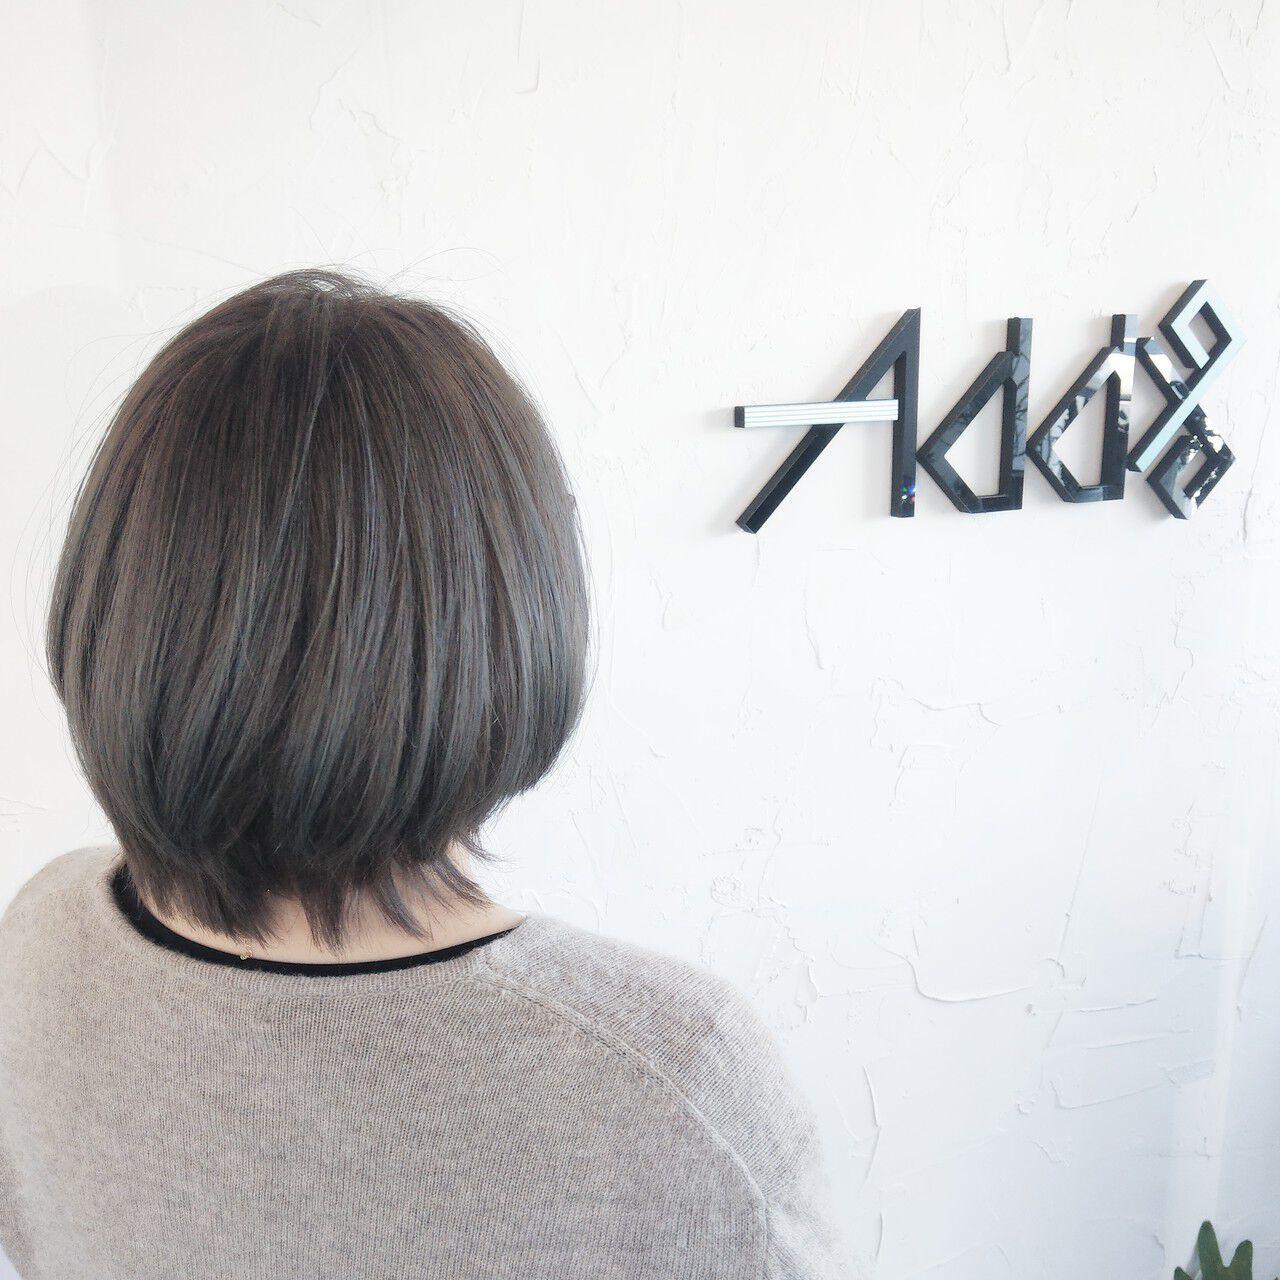 インナーカラー 裾カラー ウルフカット ミニボブヘアスタイルや髪型の写真・画像